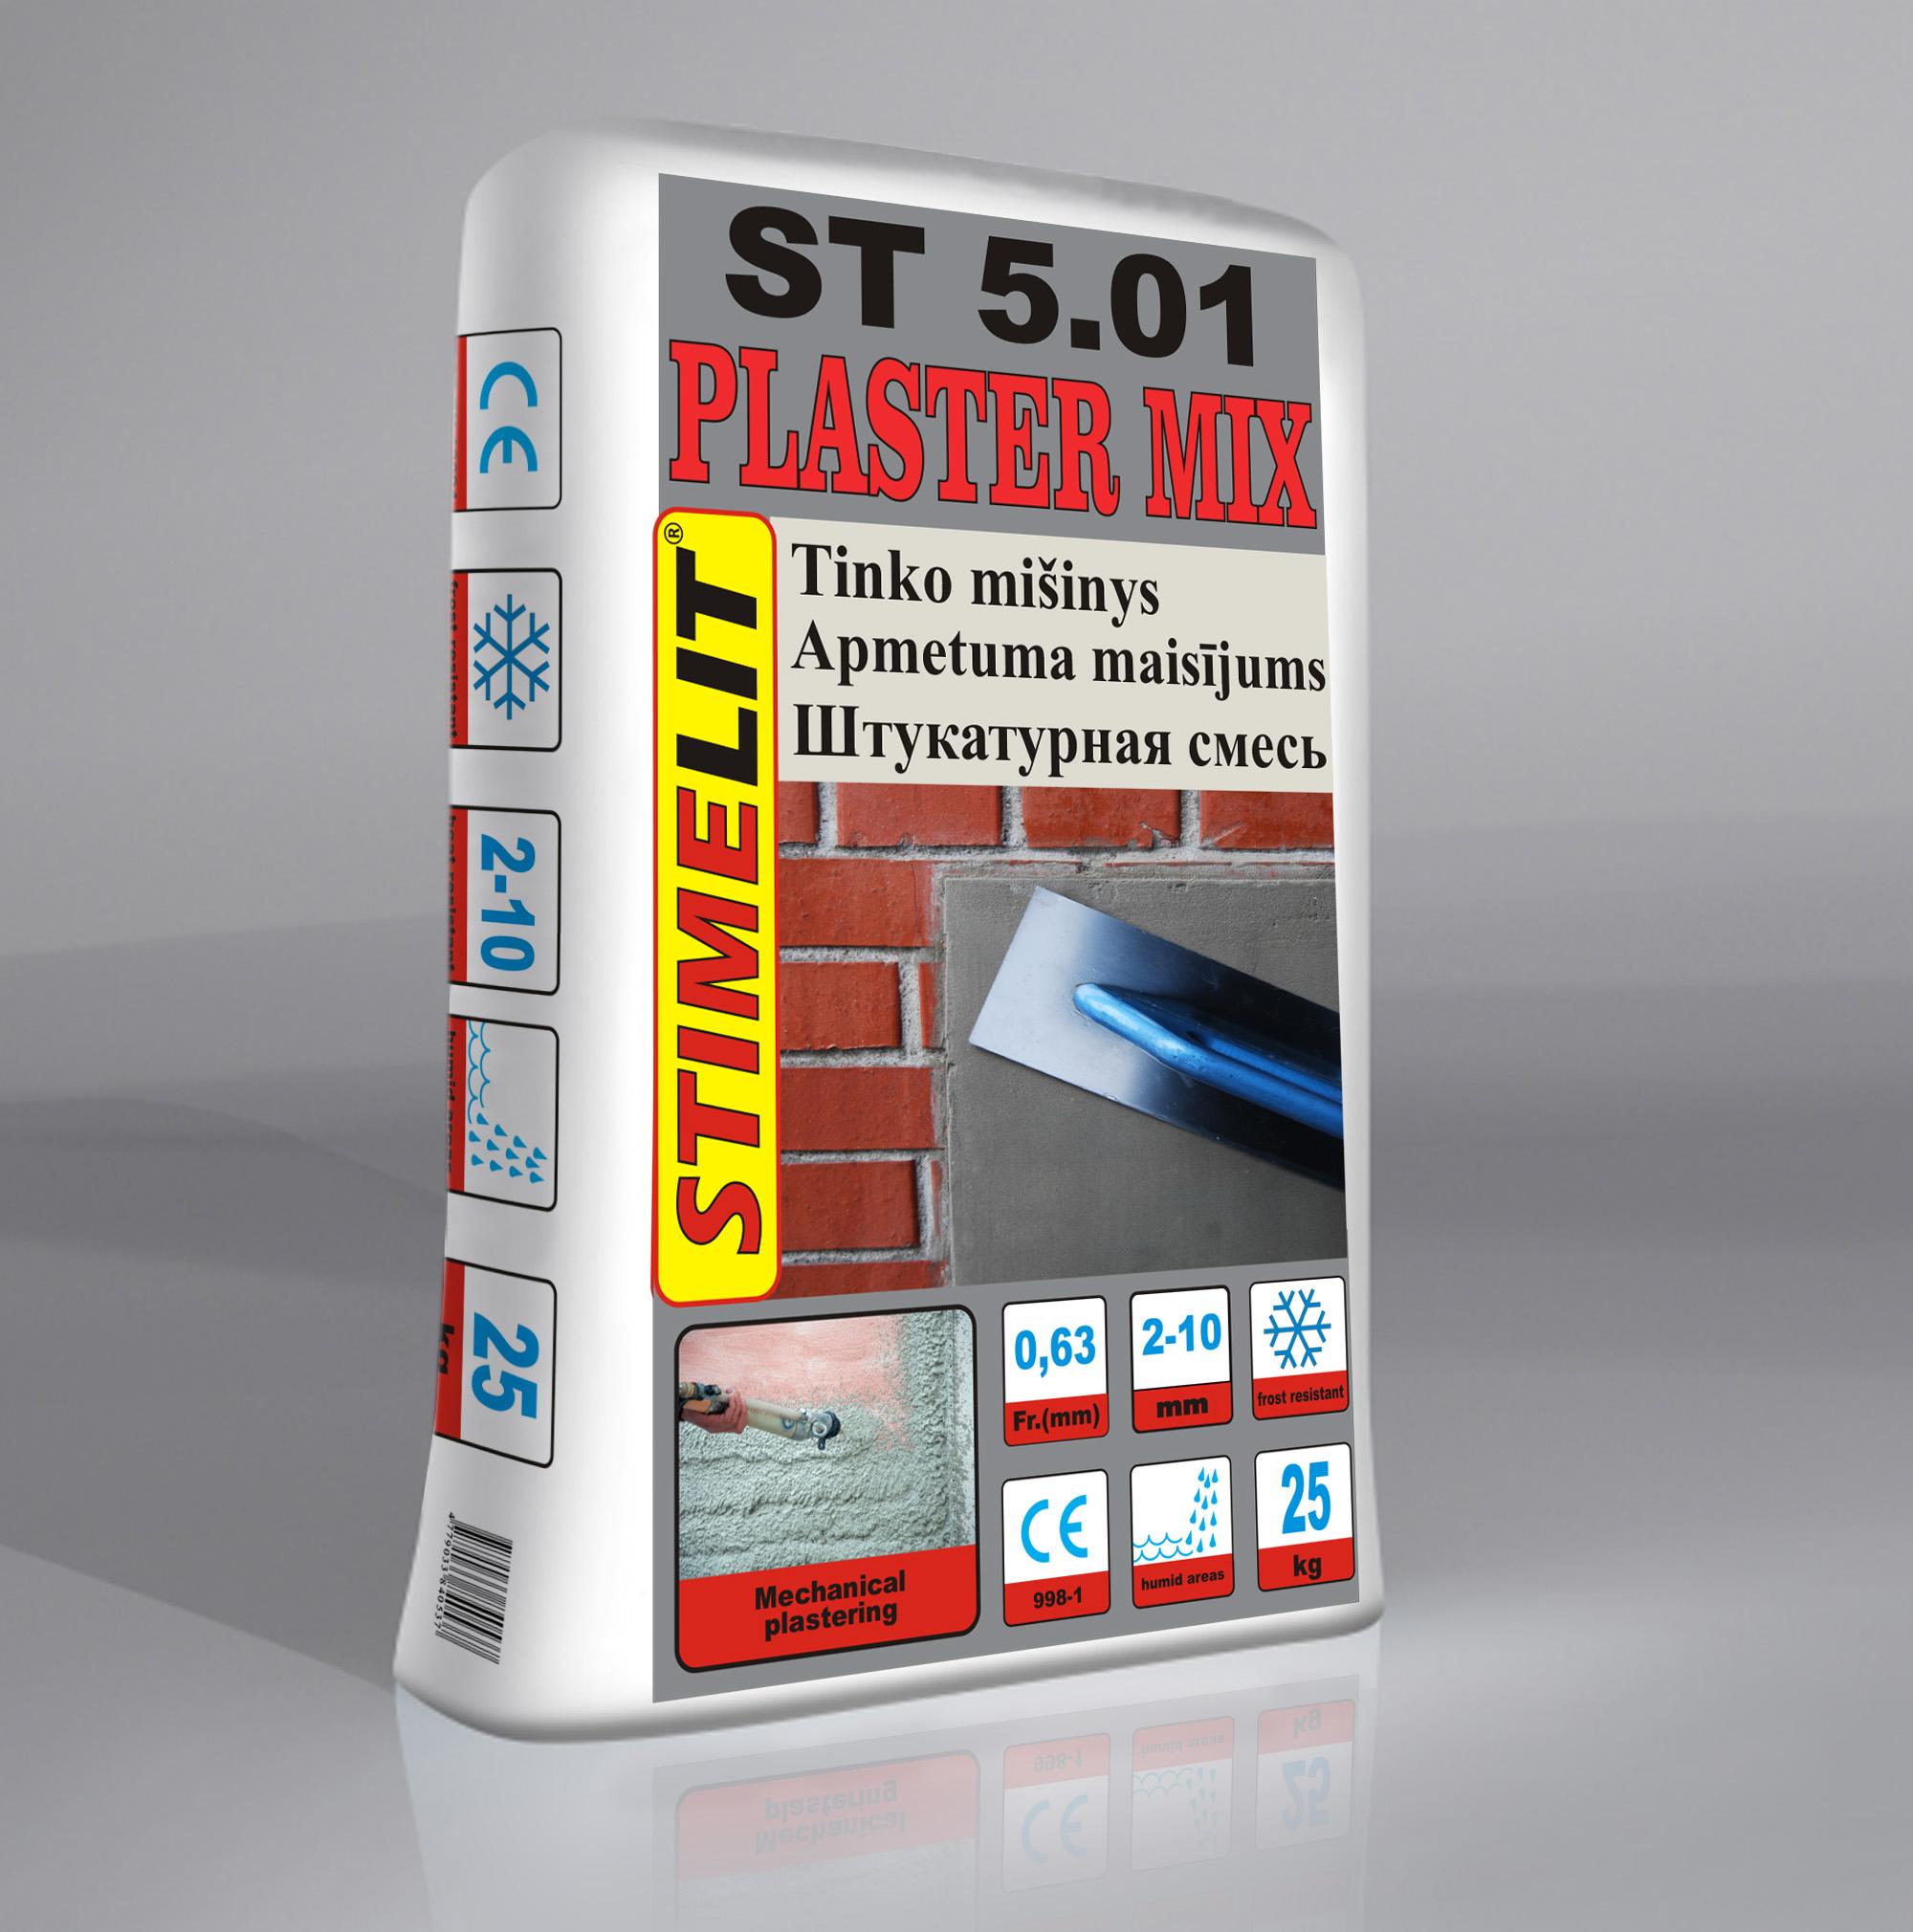 ST5.01 Smalkkārtainais apmetuma maisījums